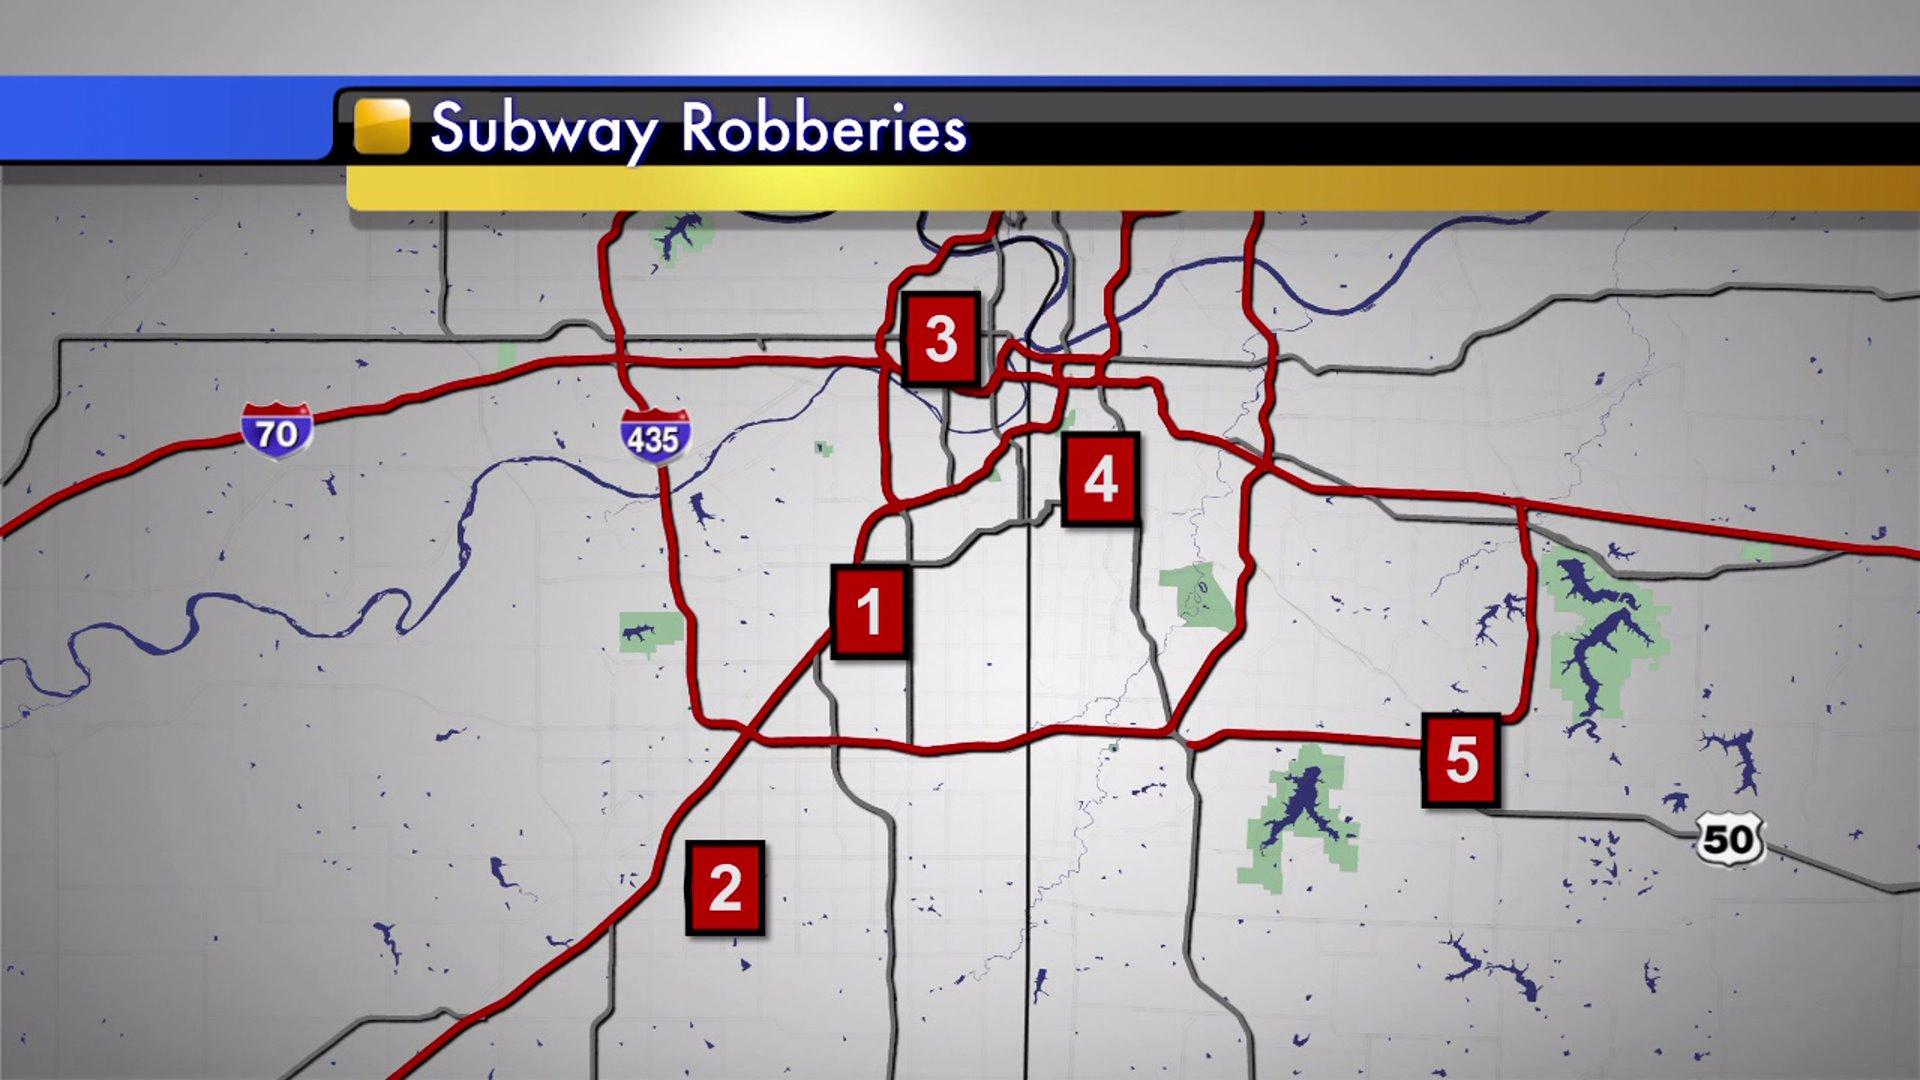 SubwayRobberies